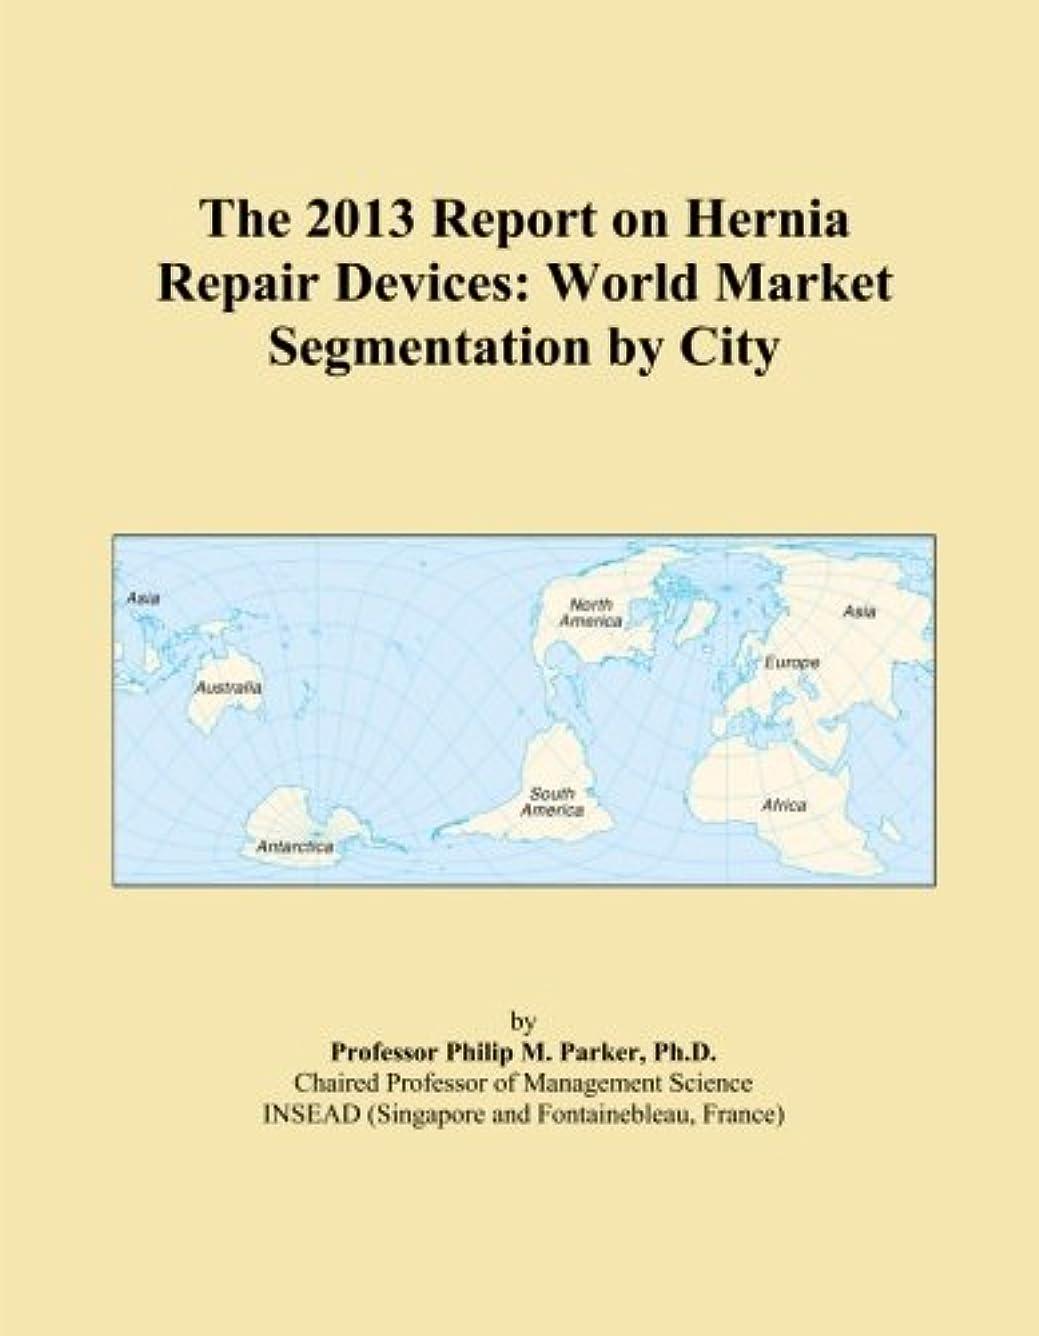 文明化するぎこちない私たちのものThe 2013 Report on Hernia Repair Devices: World Market Segmentation by City